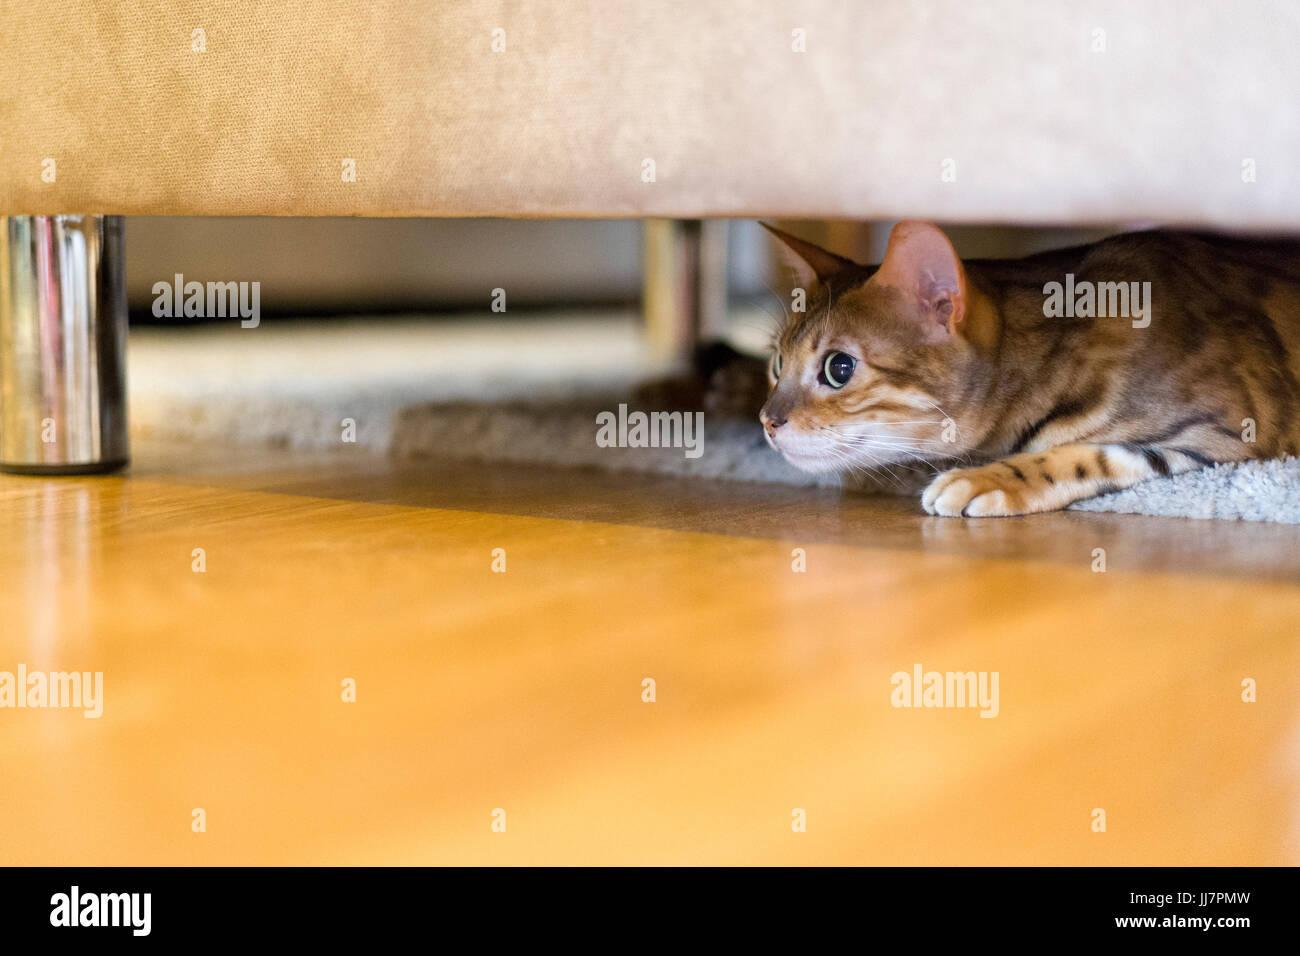 Femmina Gatto bengala muovendo lentamente e silenziosamente sotto il divano pronto ad attaccare modello di rilascio: Immagini Stock